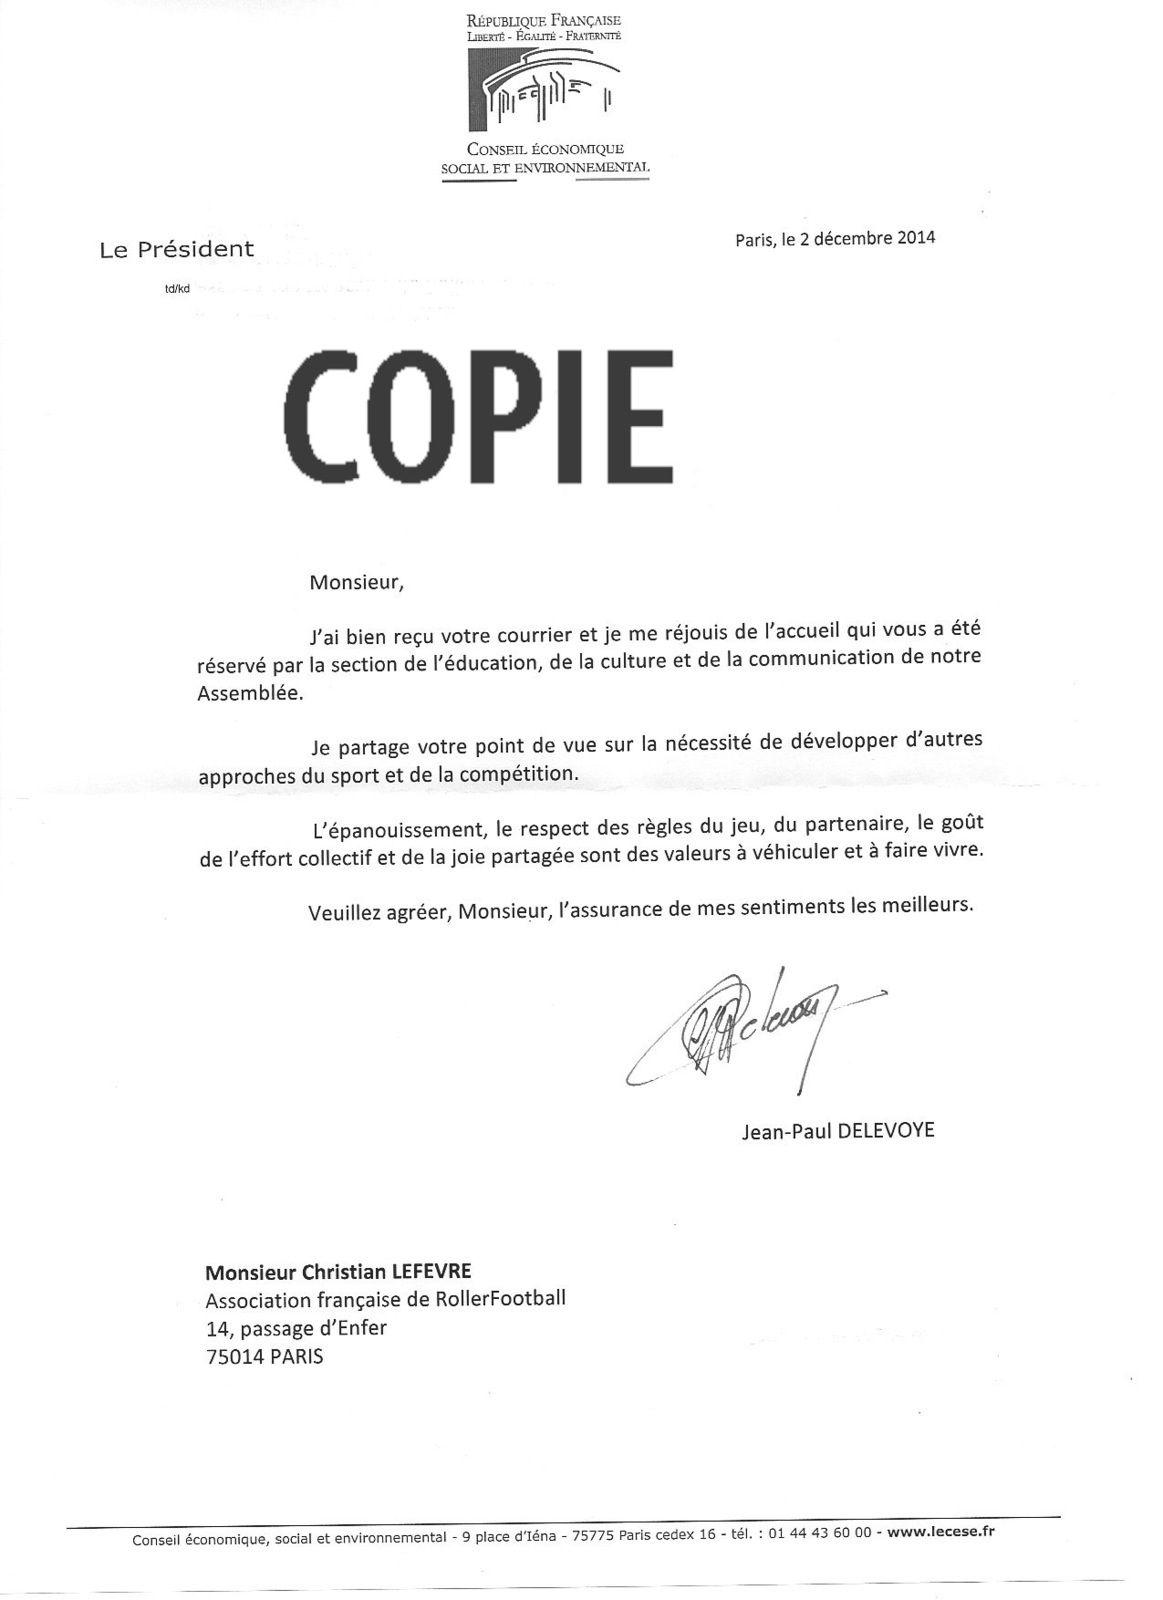 COURRIER DU PRÉSIDENT DU CONSEIL ÉCONOMIQUE ET SOCIAL JP DELEVOYE